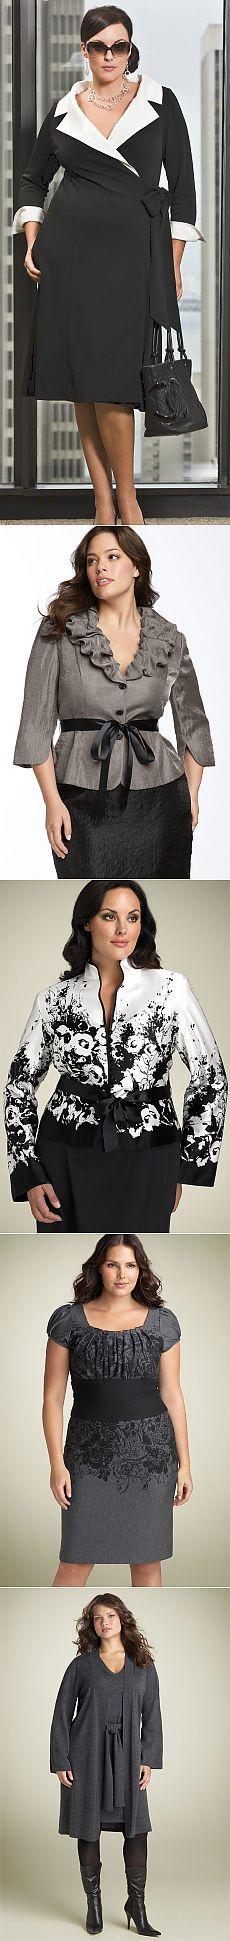 Мода и стиль для полных модниц 2